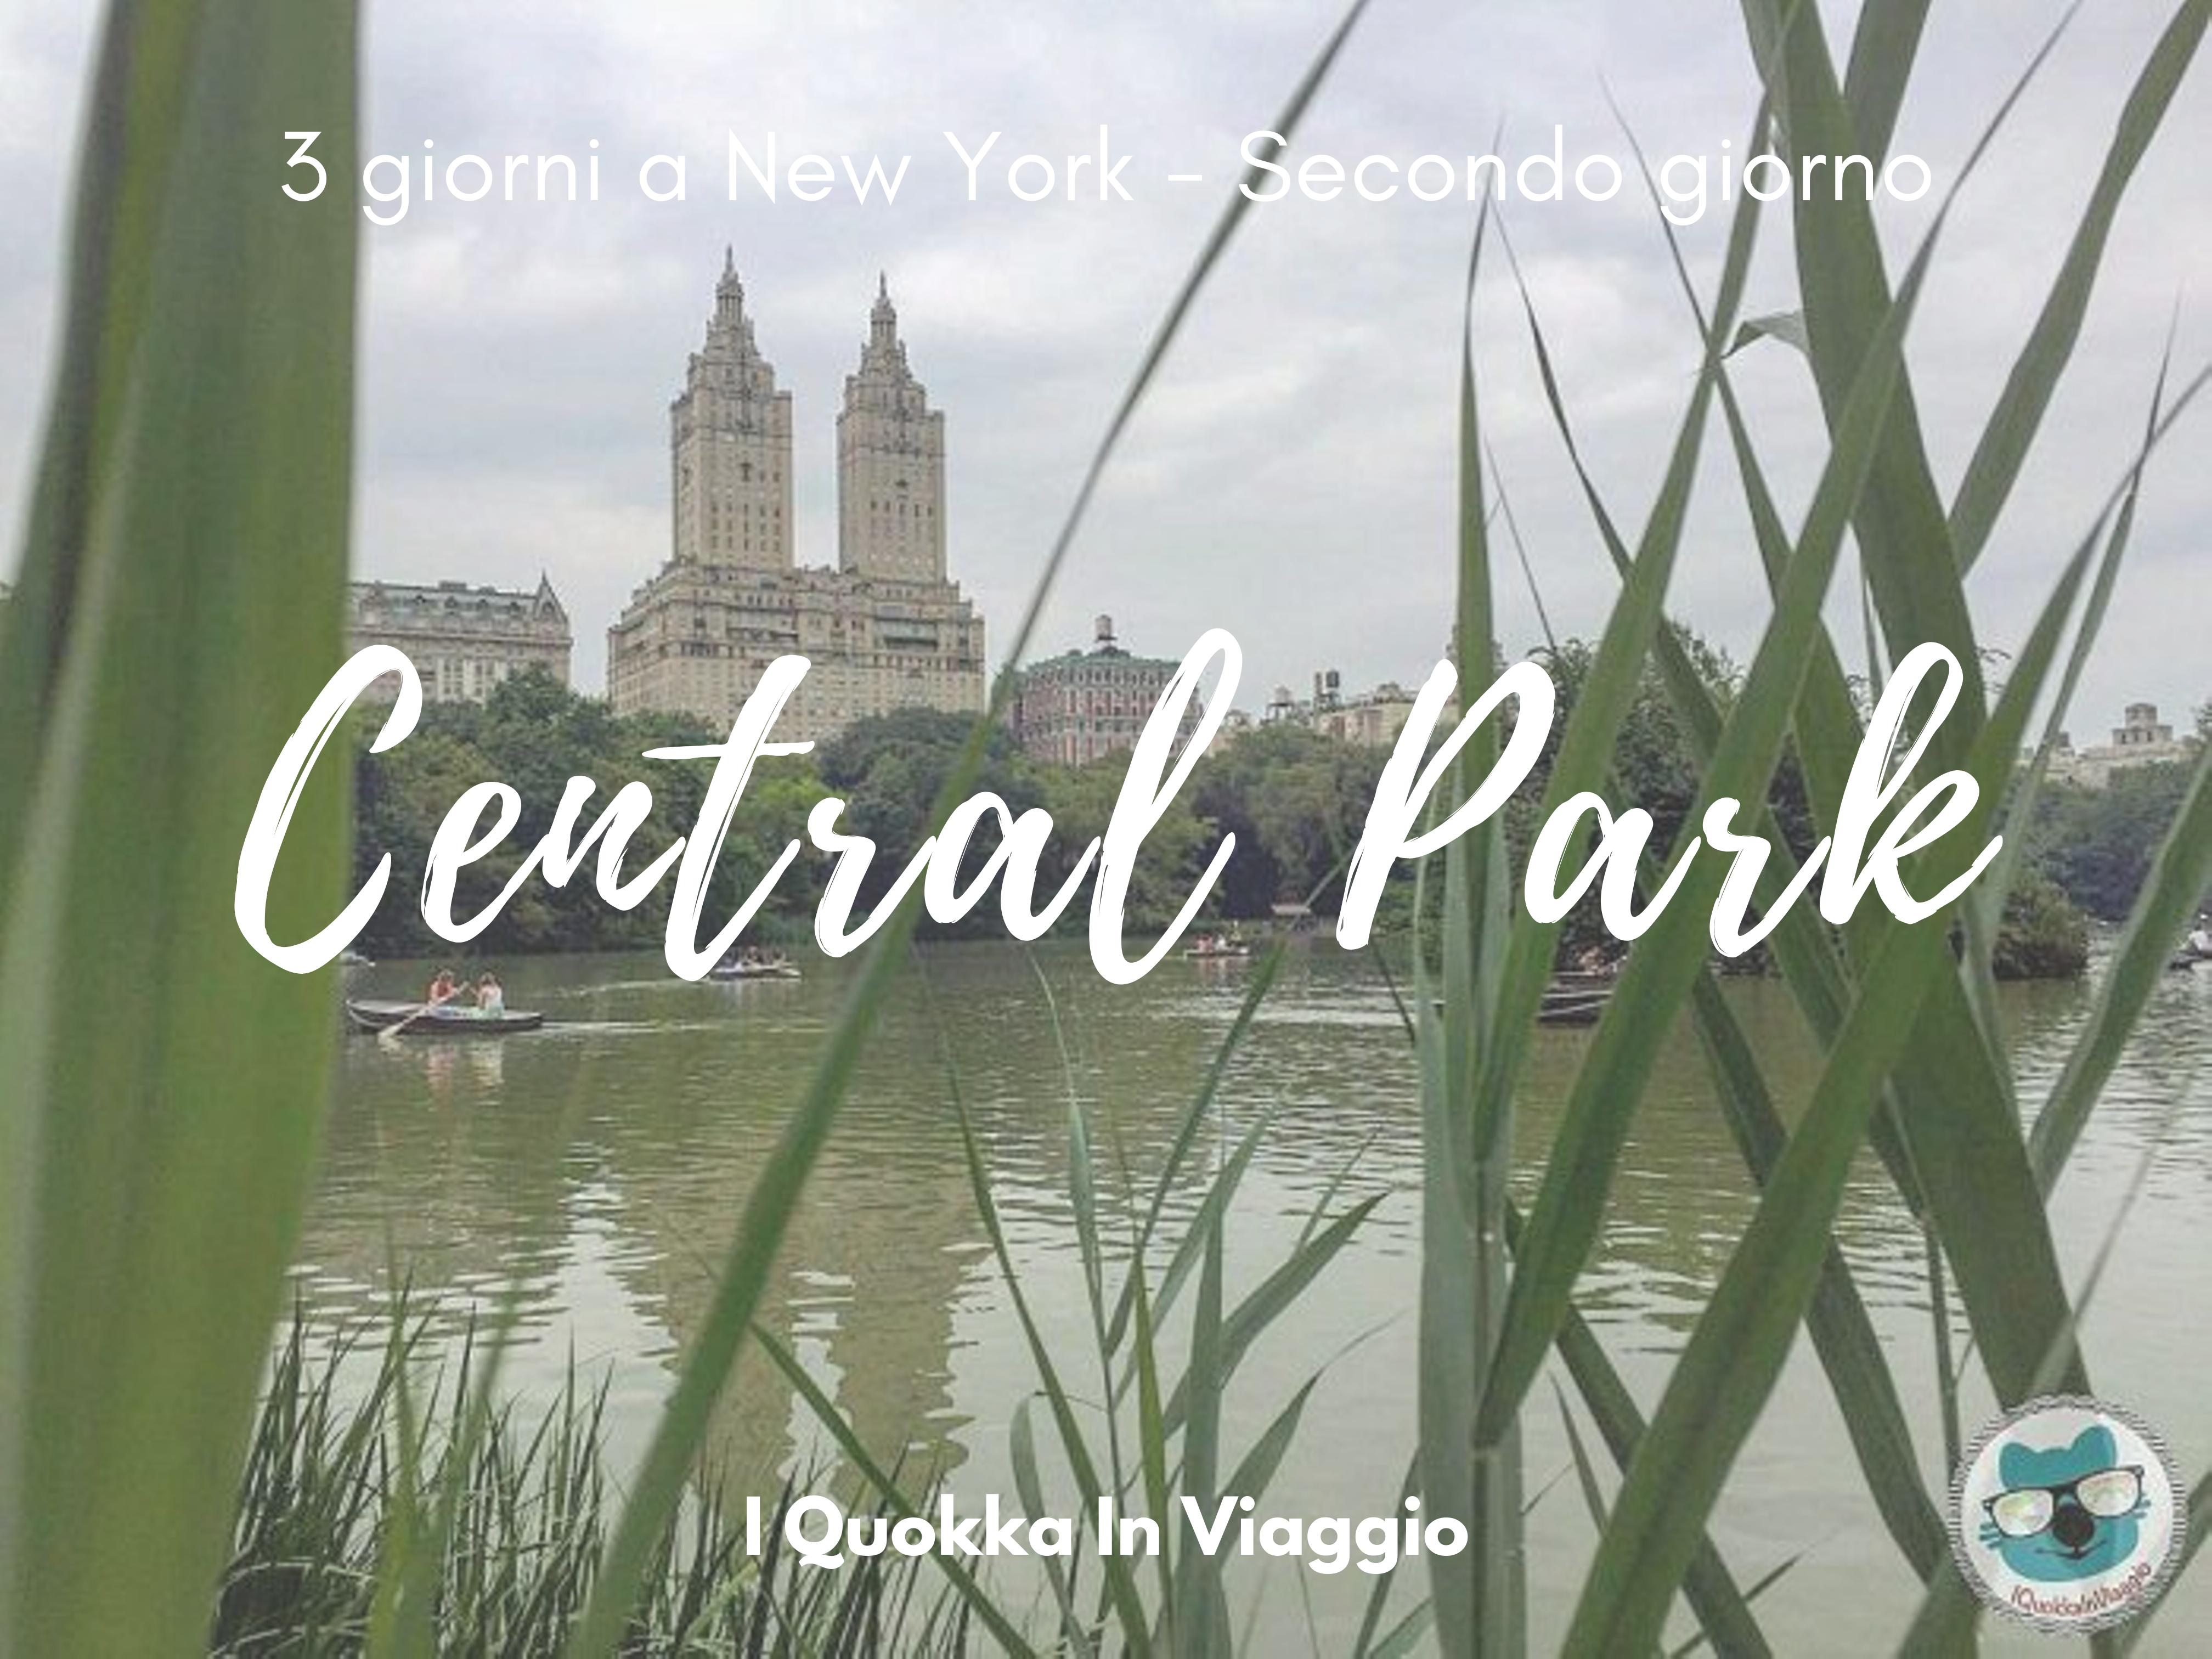 Prato Rigenerante Come Funziona 3 giorni a new york - secondo giorno - i quokka in viaggio